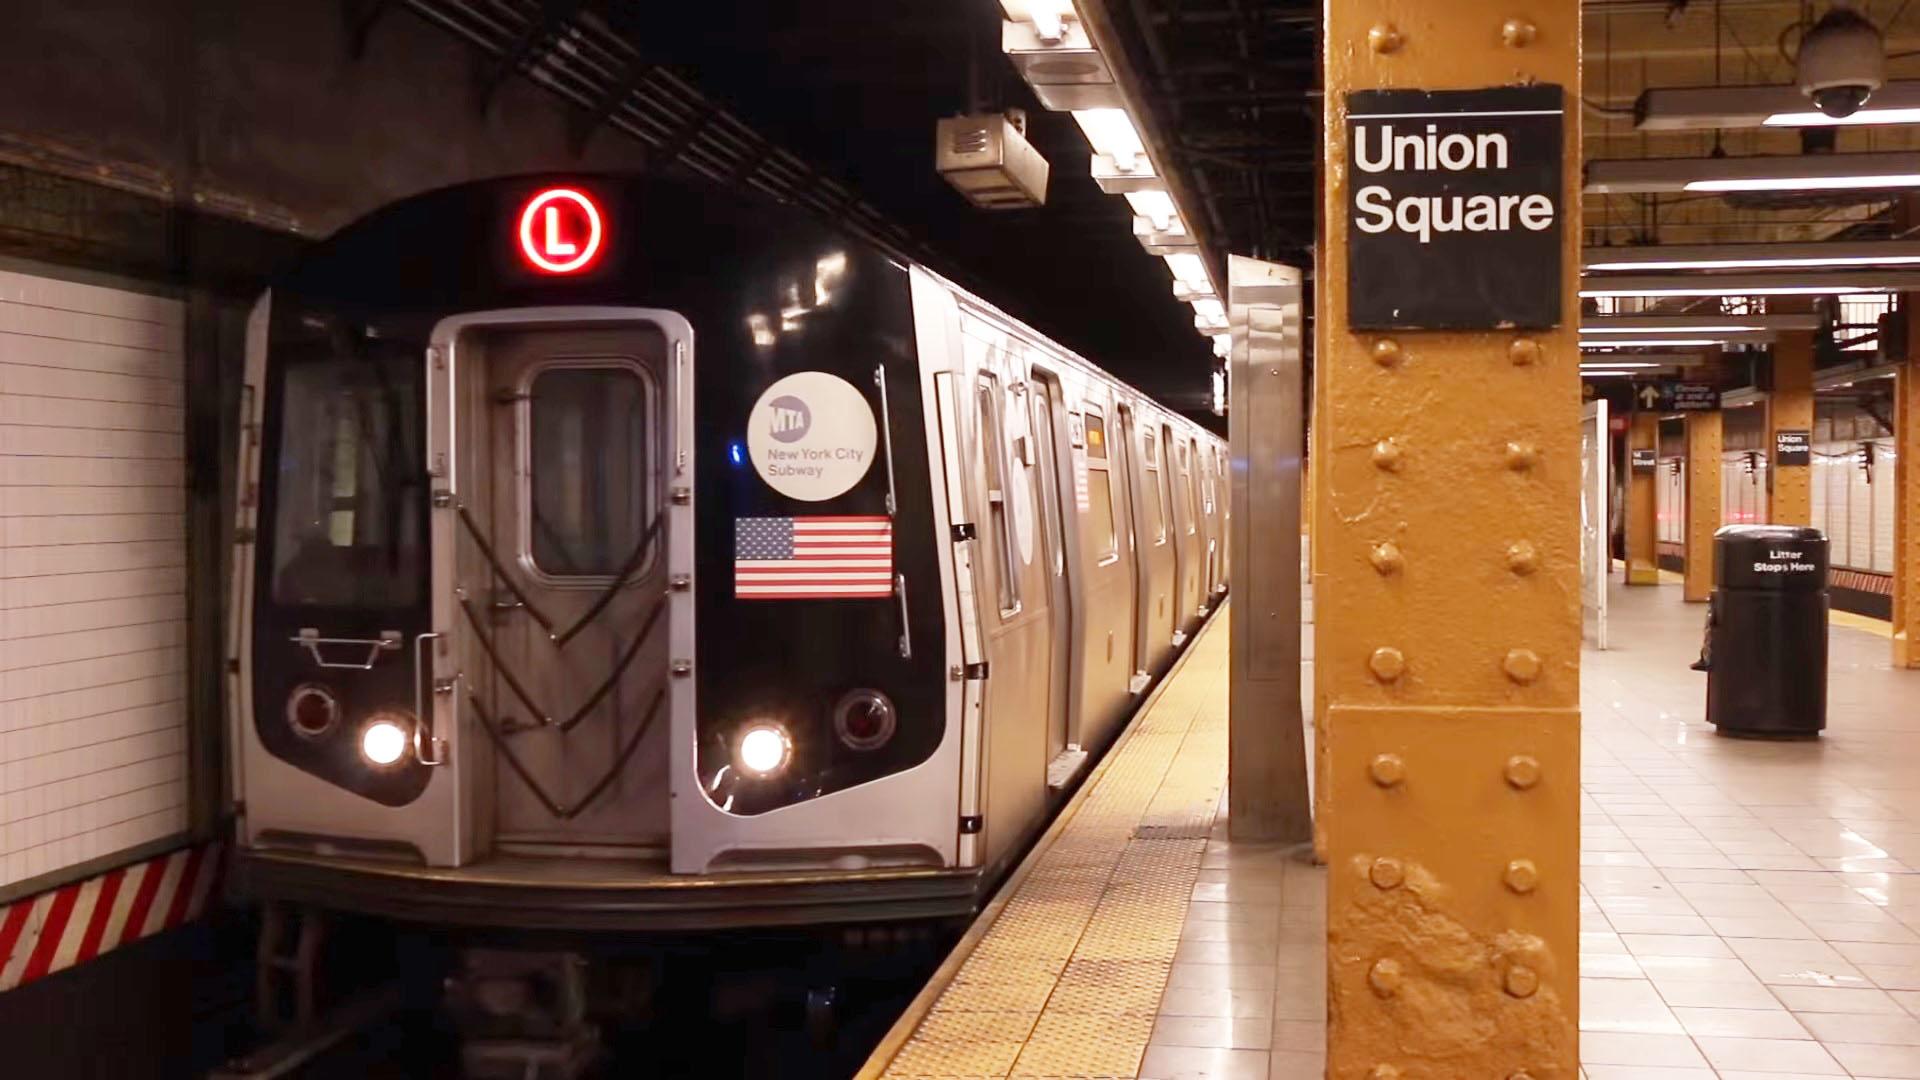 L Train USQ Pic 3.jpg